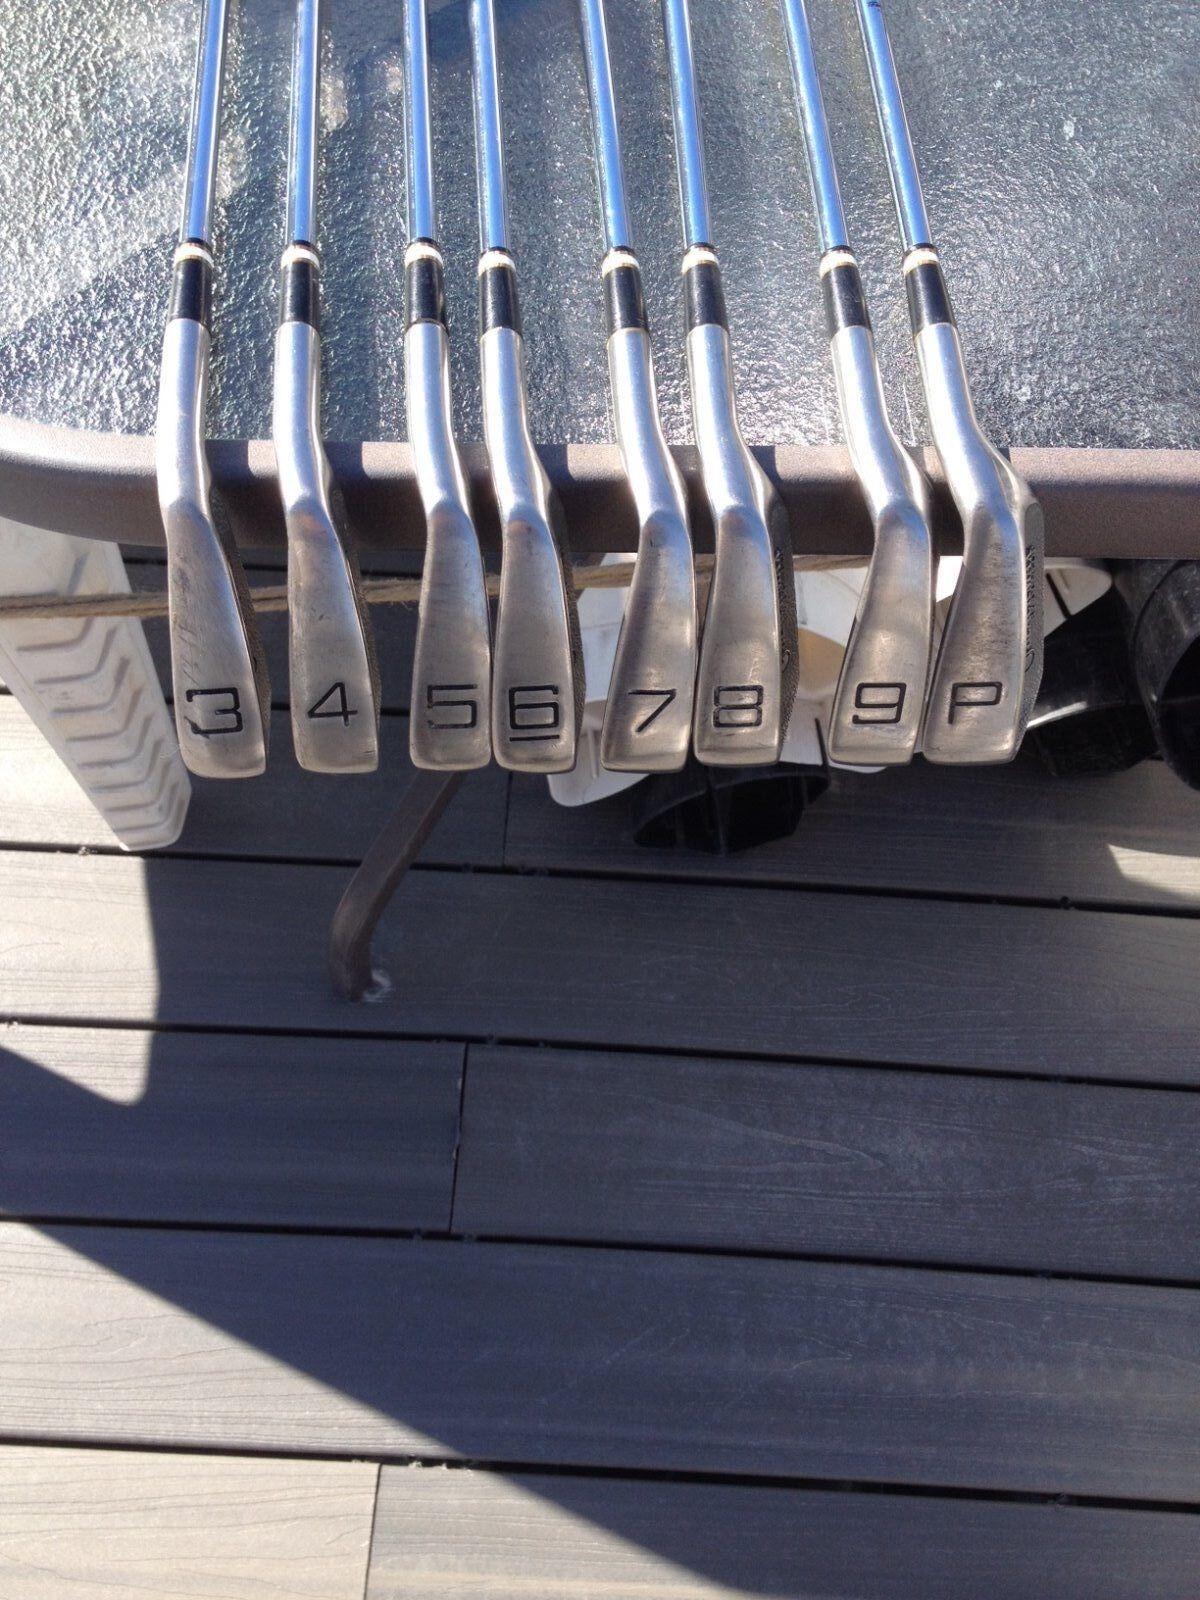 Dunlop negromax hierros 3,4,5,6,7,8,9,P  diestros  disfrutando de sus compras